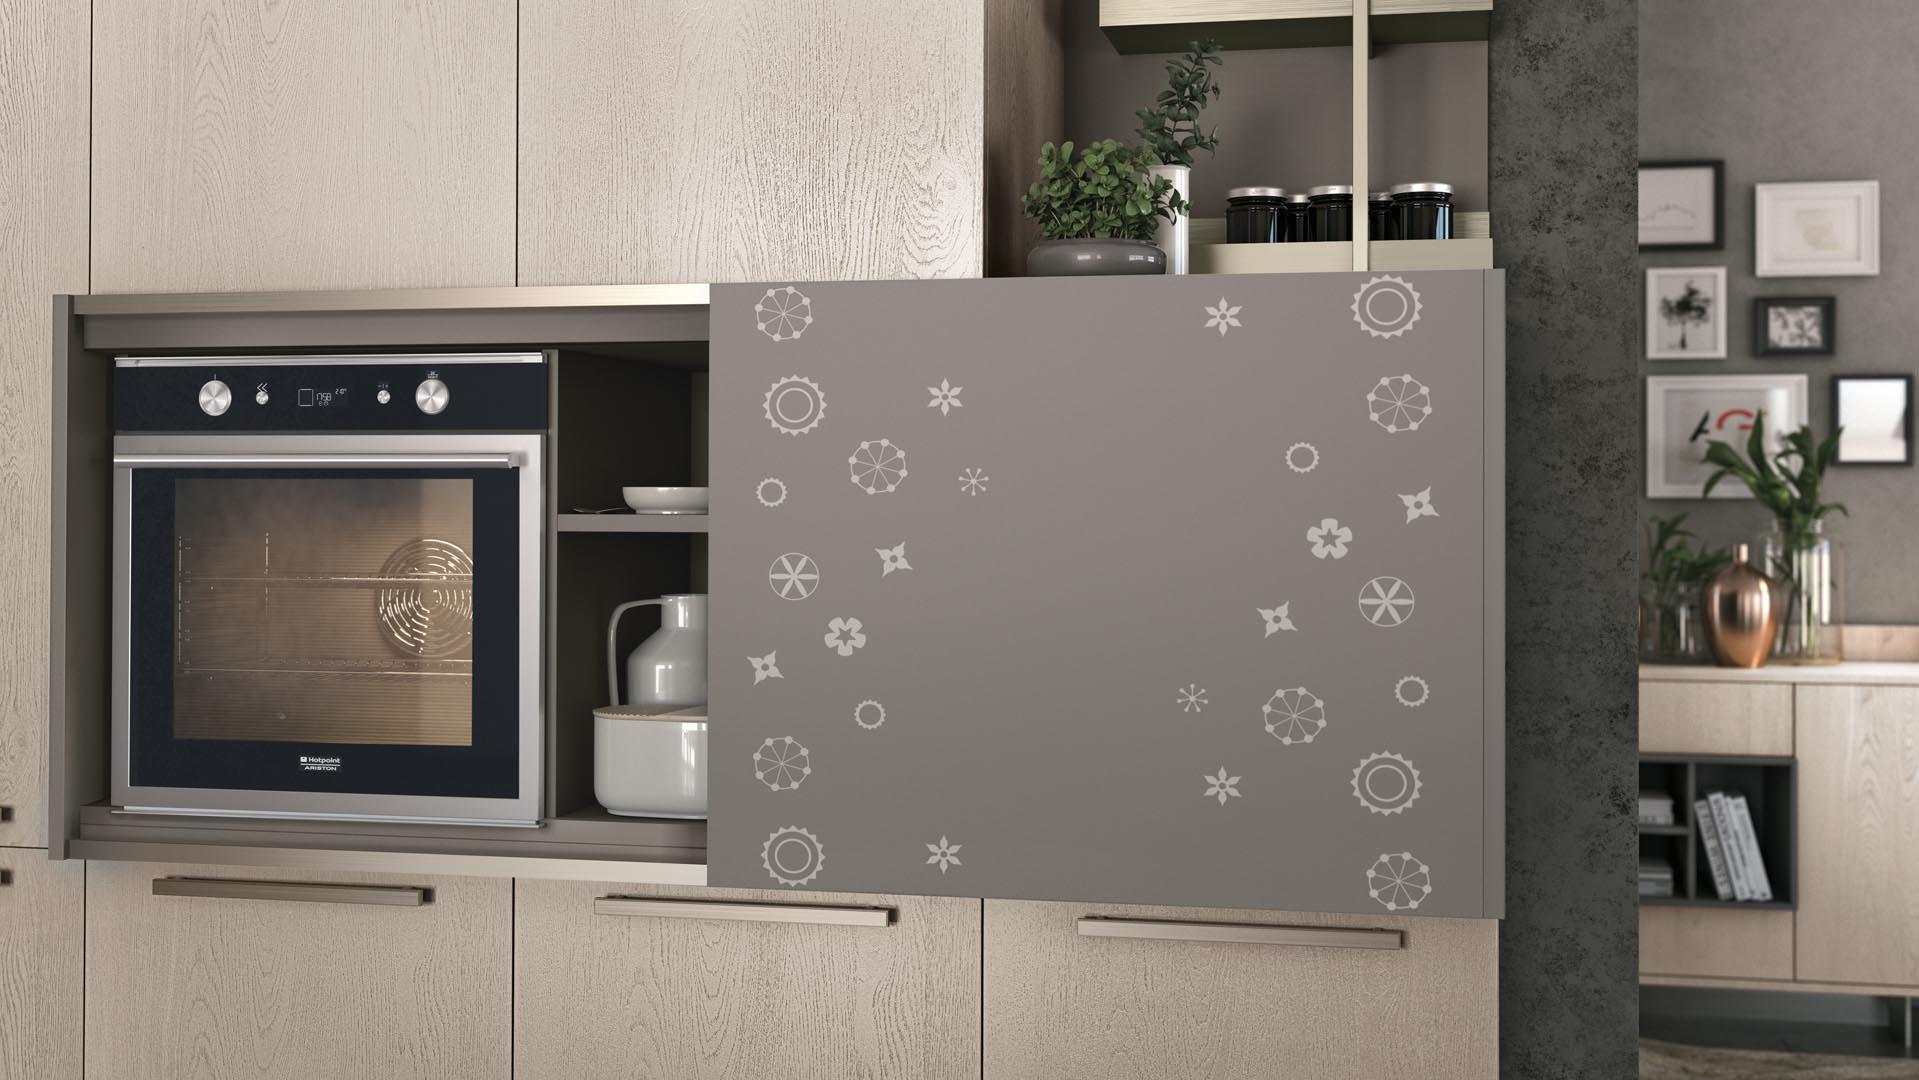 Come scegliere gli elettrodomestici in cucina - Cucine Lube